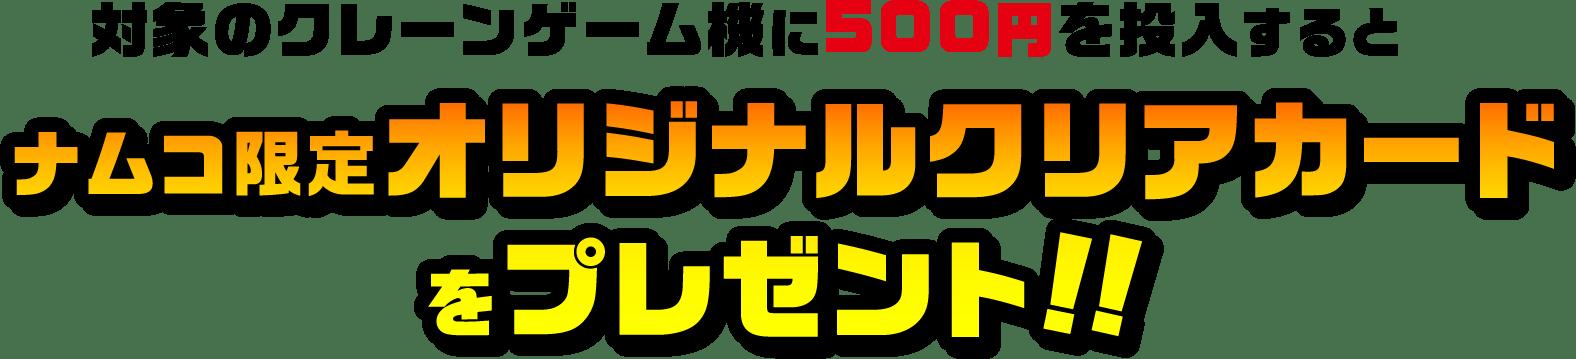 対象のクレーンゲーム機に500 円を投入するとナムコ限定オリジナルクリアカードをプレゼント‼